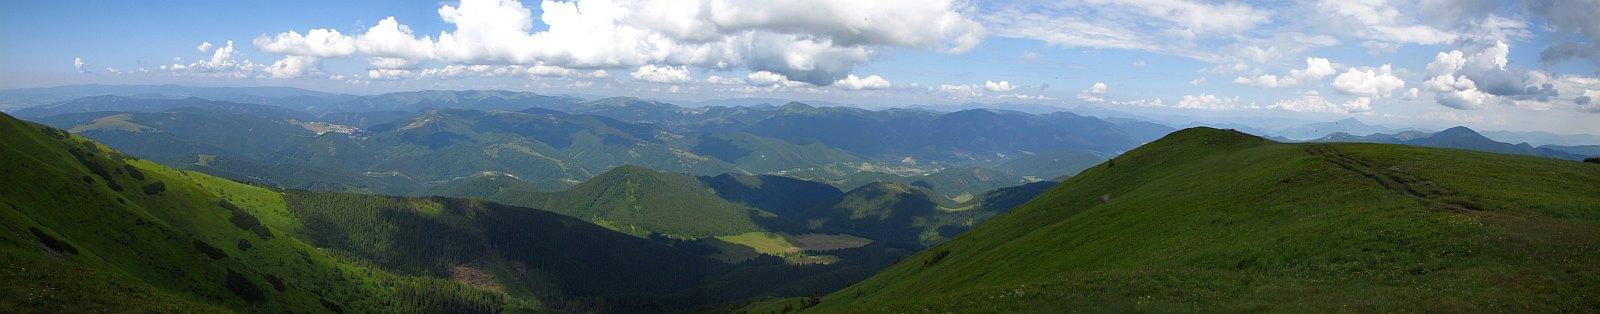 Zachodnia i północno-zachodnia panorama z Wielkiej Chochuli (słow. Veľká Chochuľa).